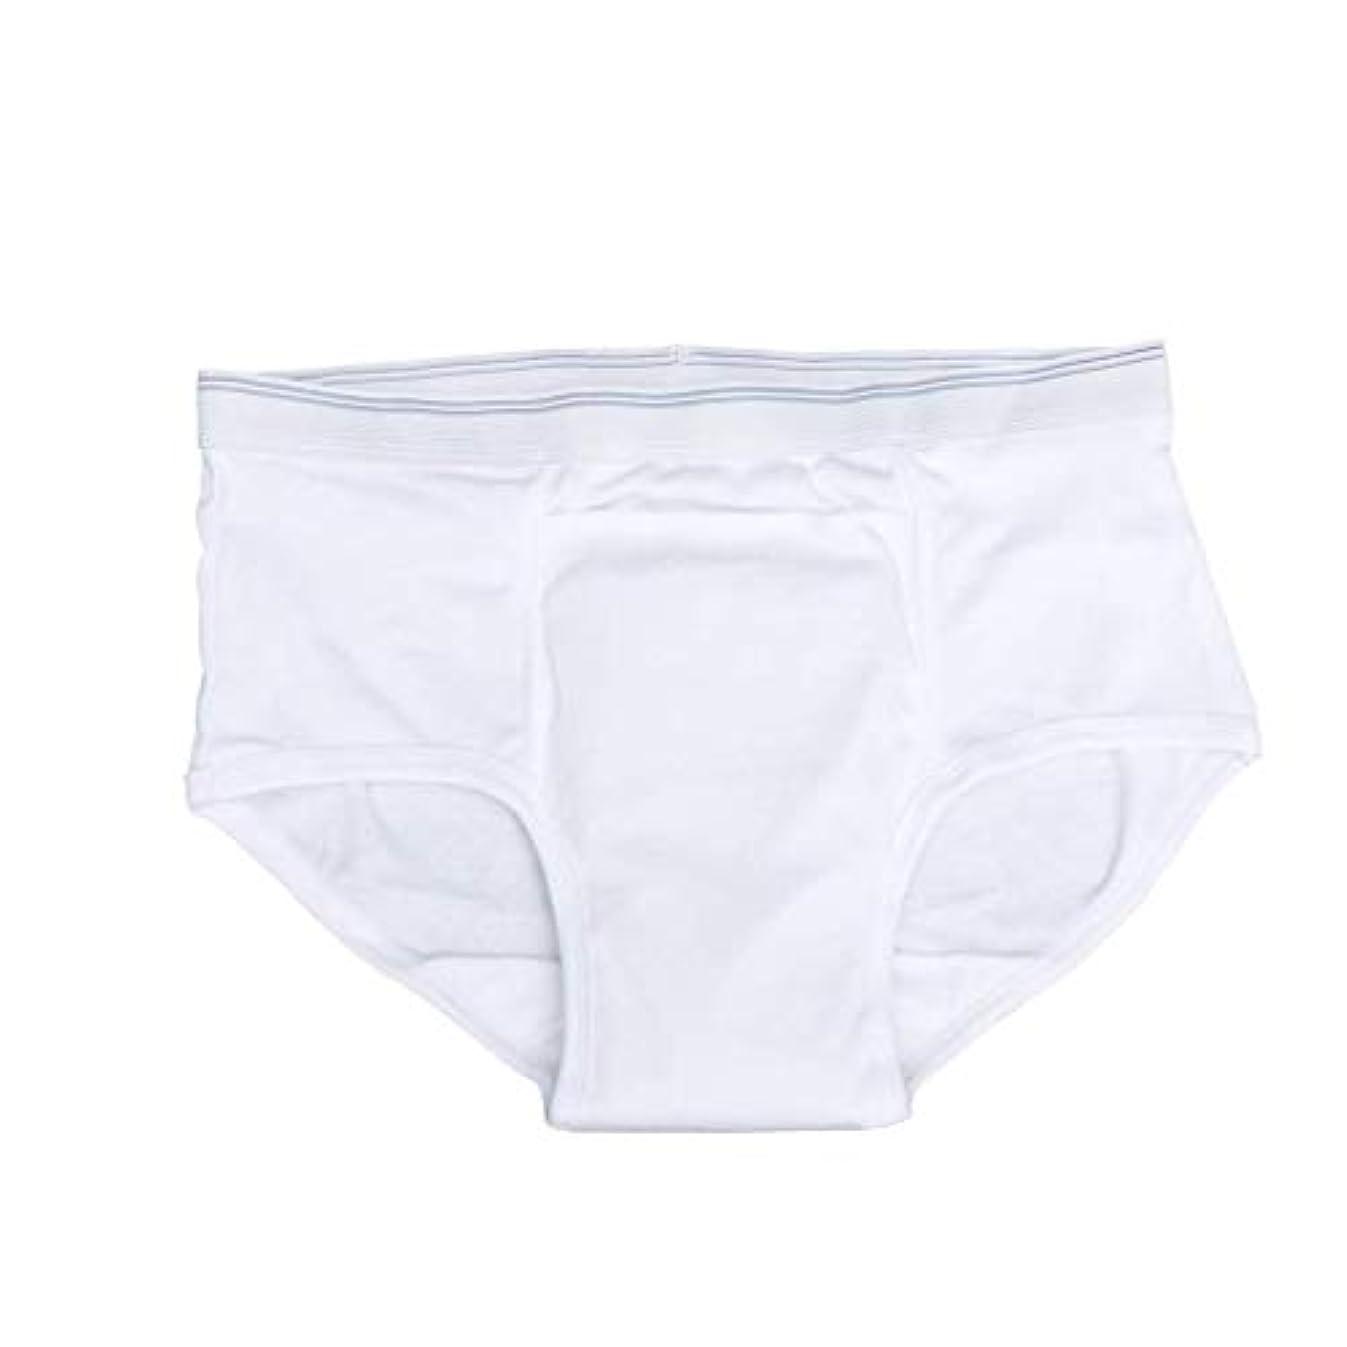 役に立たない幸運なことに魅力的大人のおむつ、紙おむつ高齢者、コットンリークプルーフ防水下着、メンズ(サイズ:50?80センチメートル)の場合